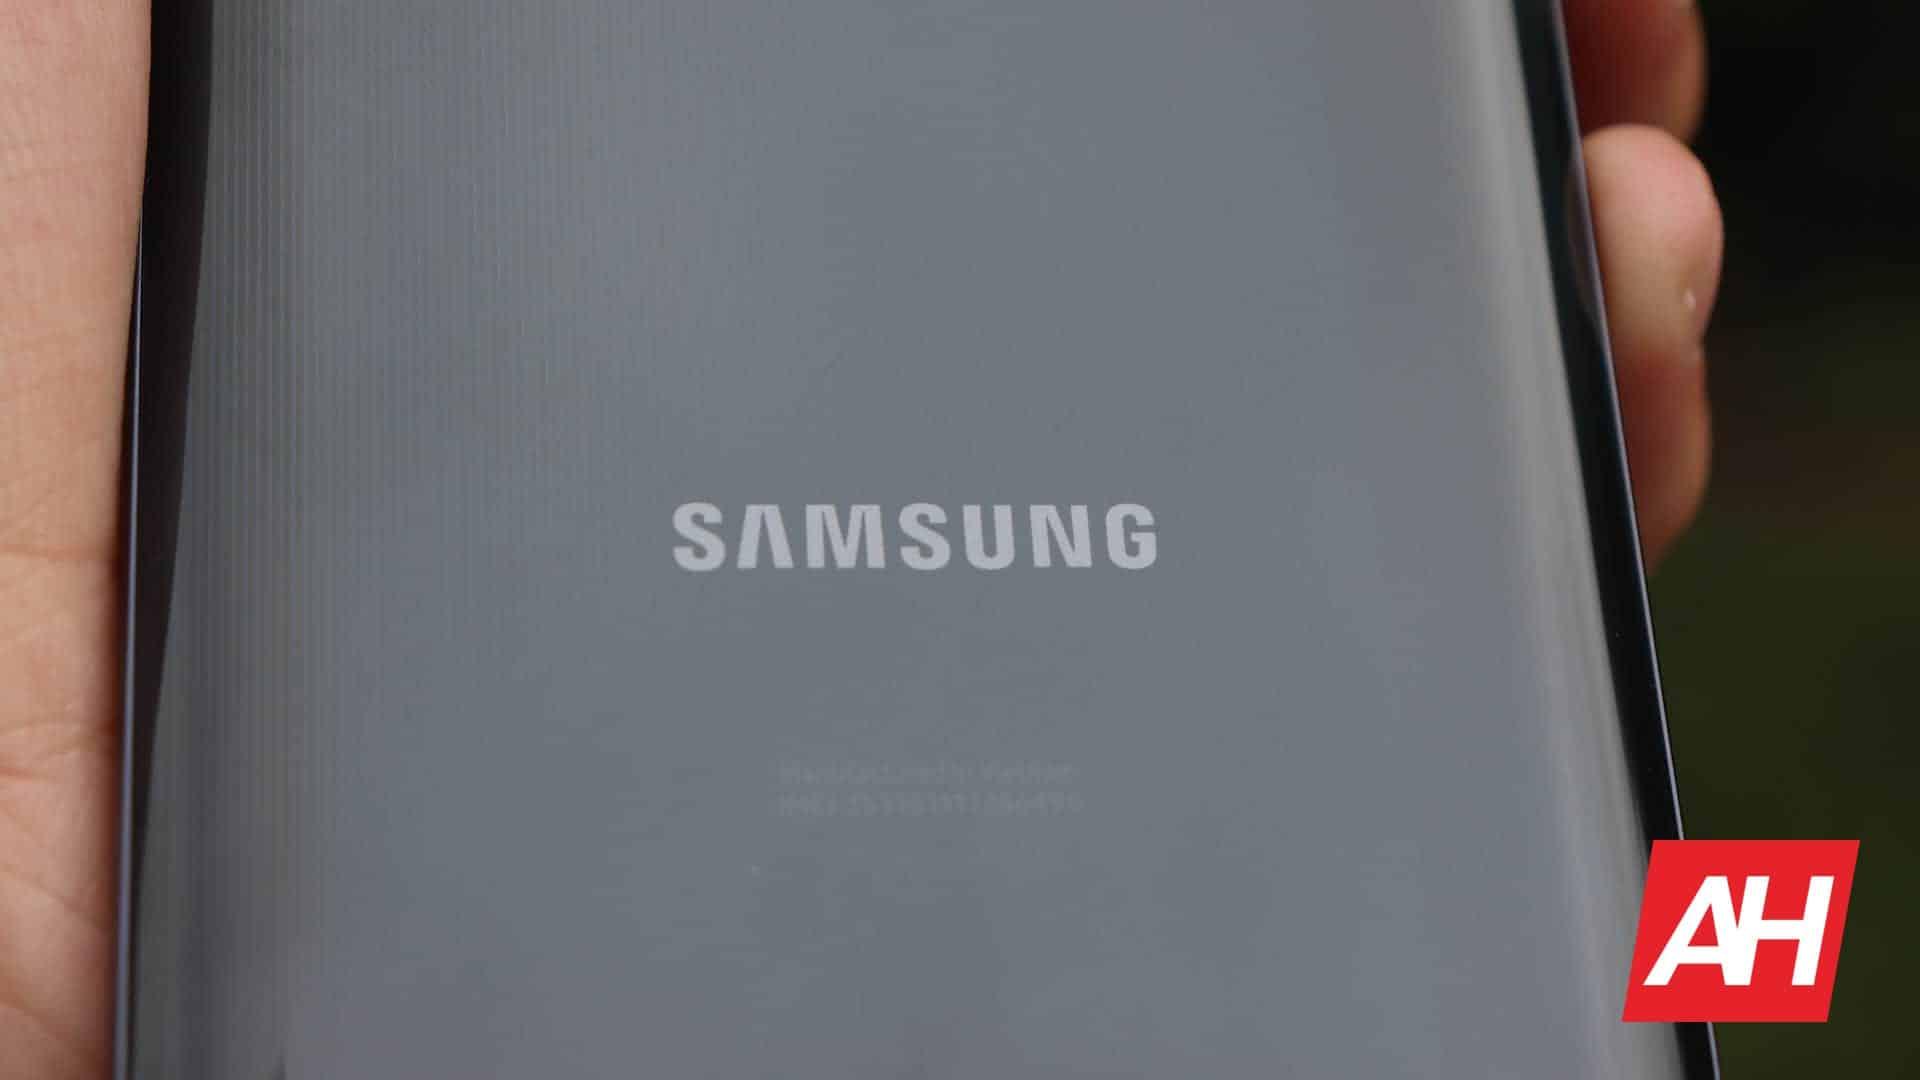 Samsung Logo A71 5G DG AH 02 2020